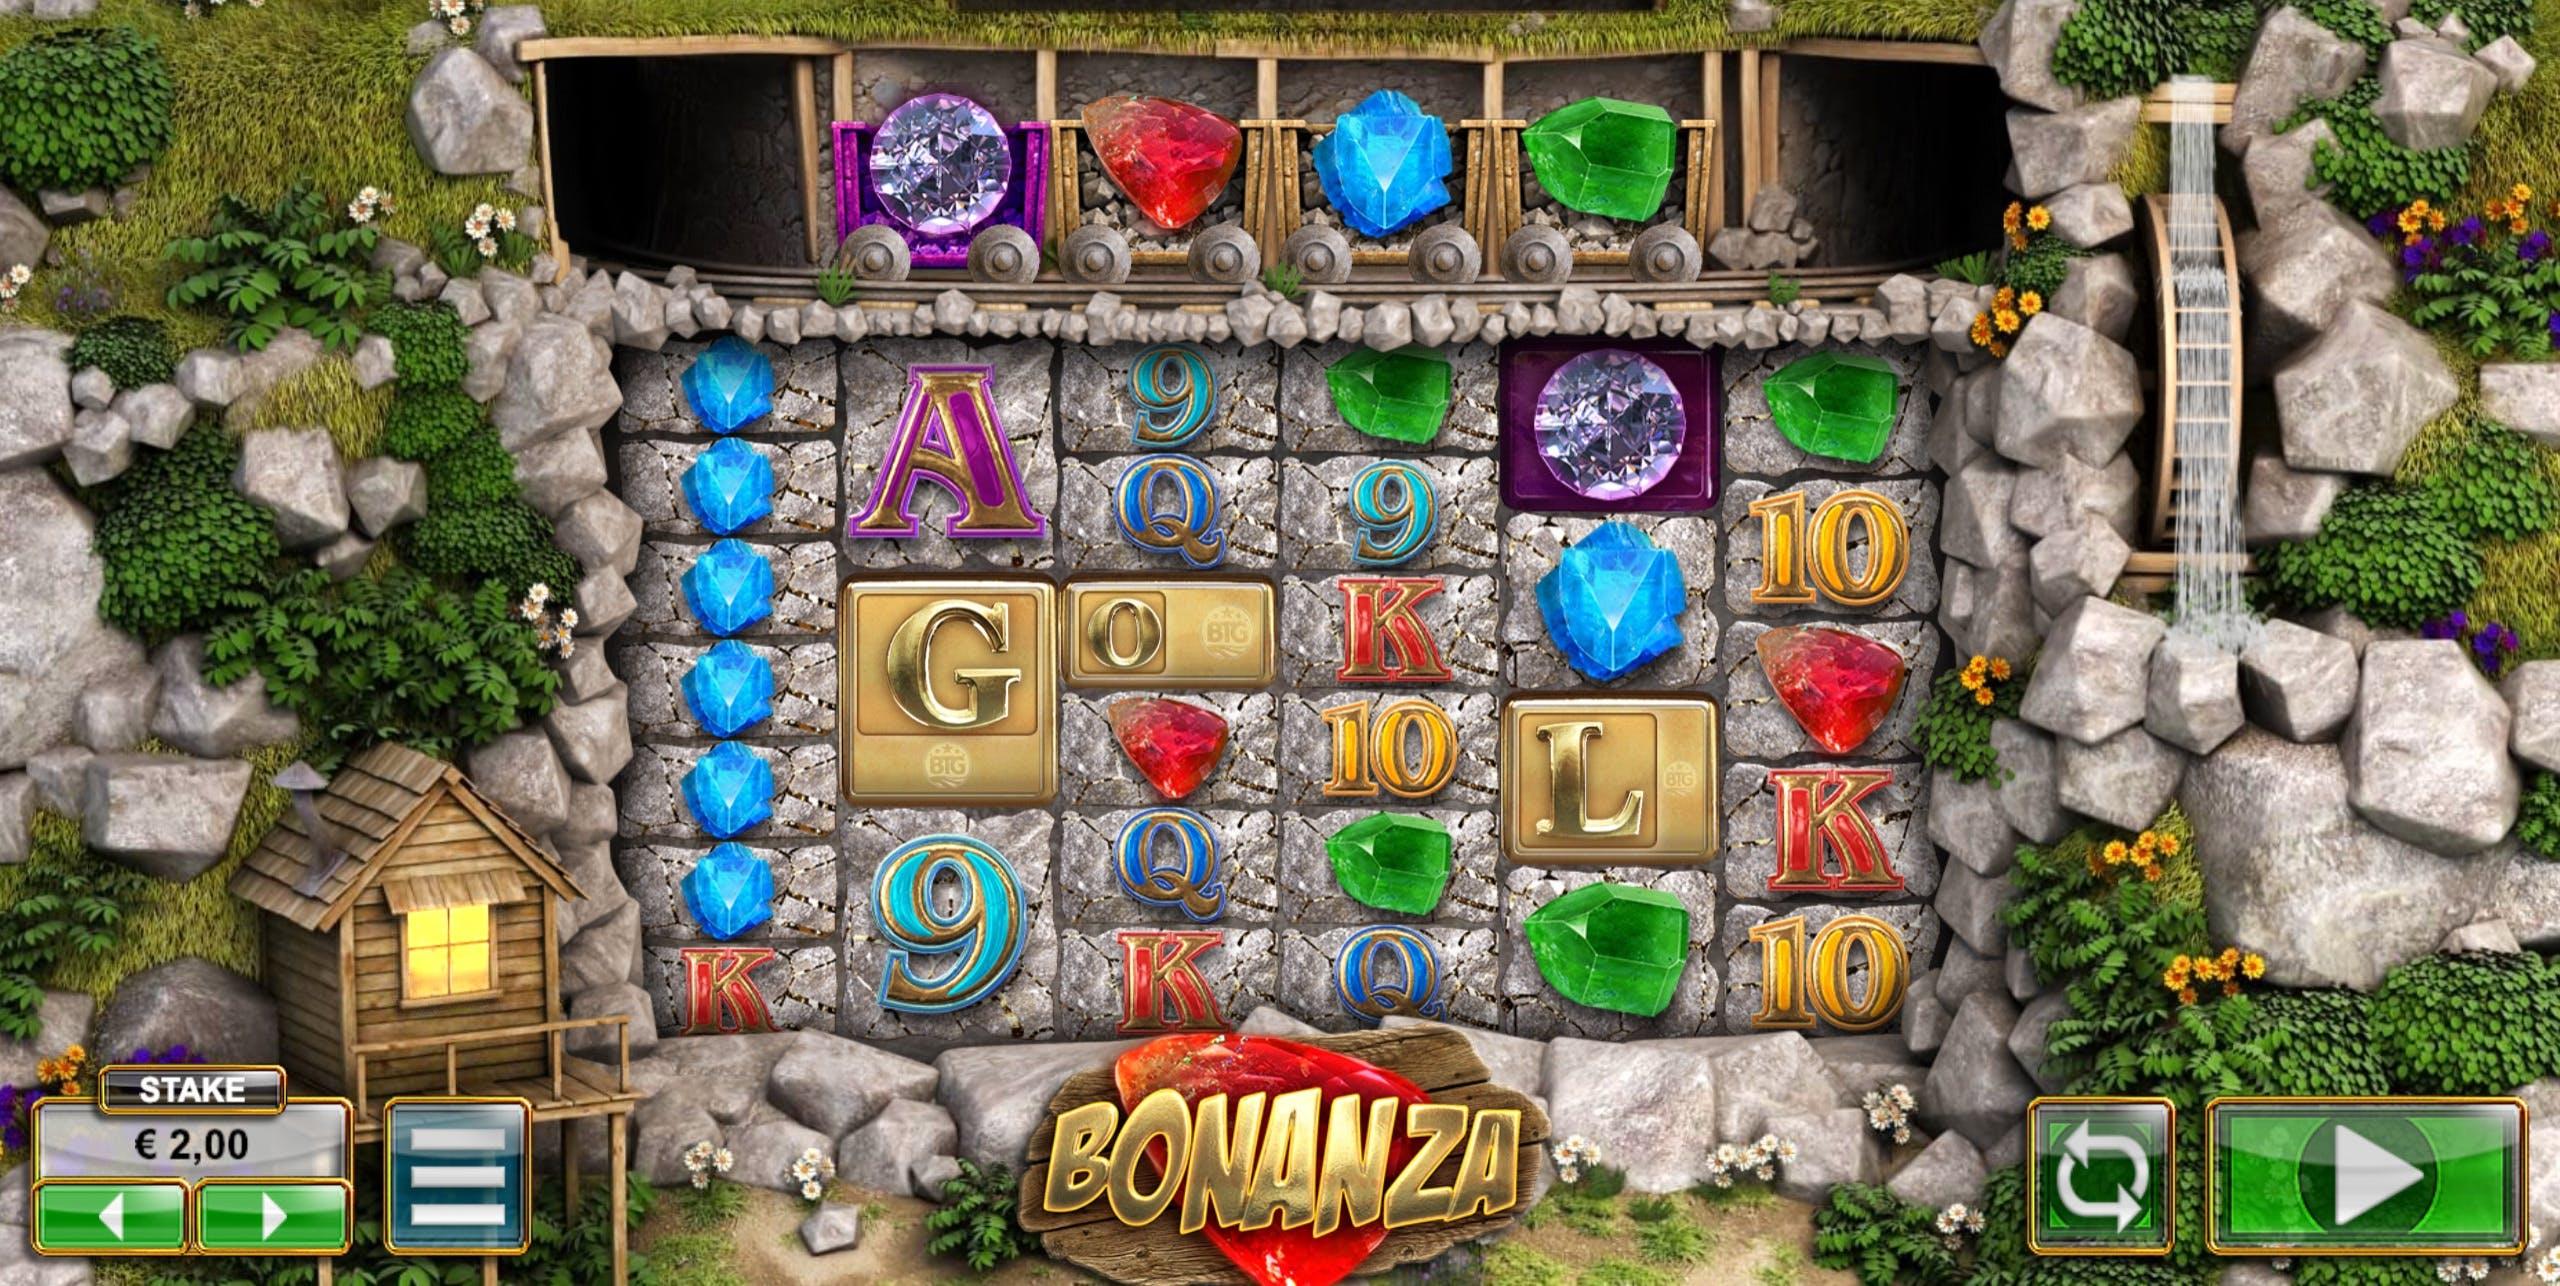 BTG Bonanza online slot